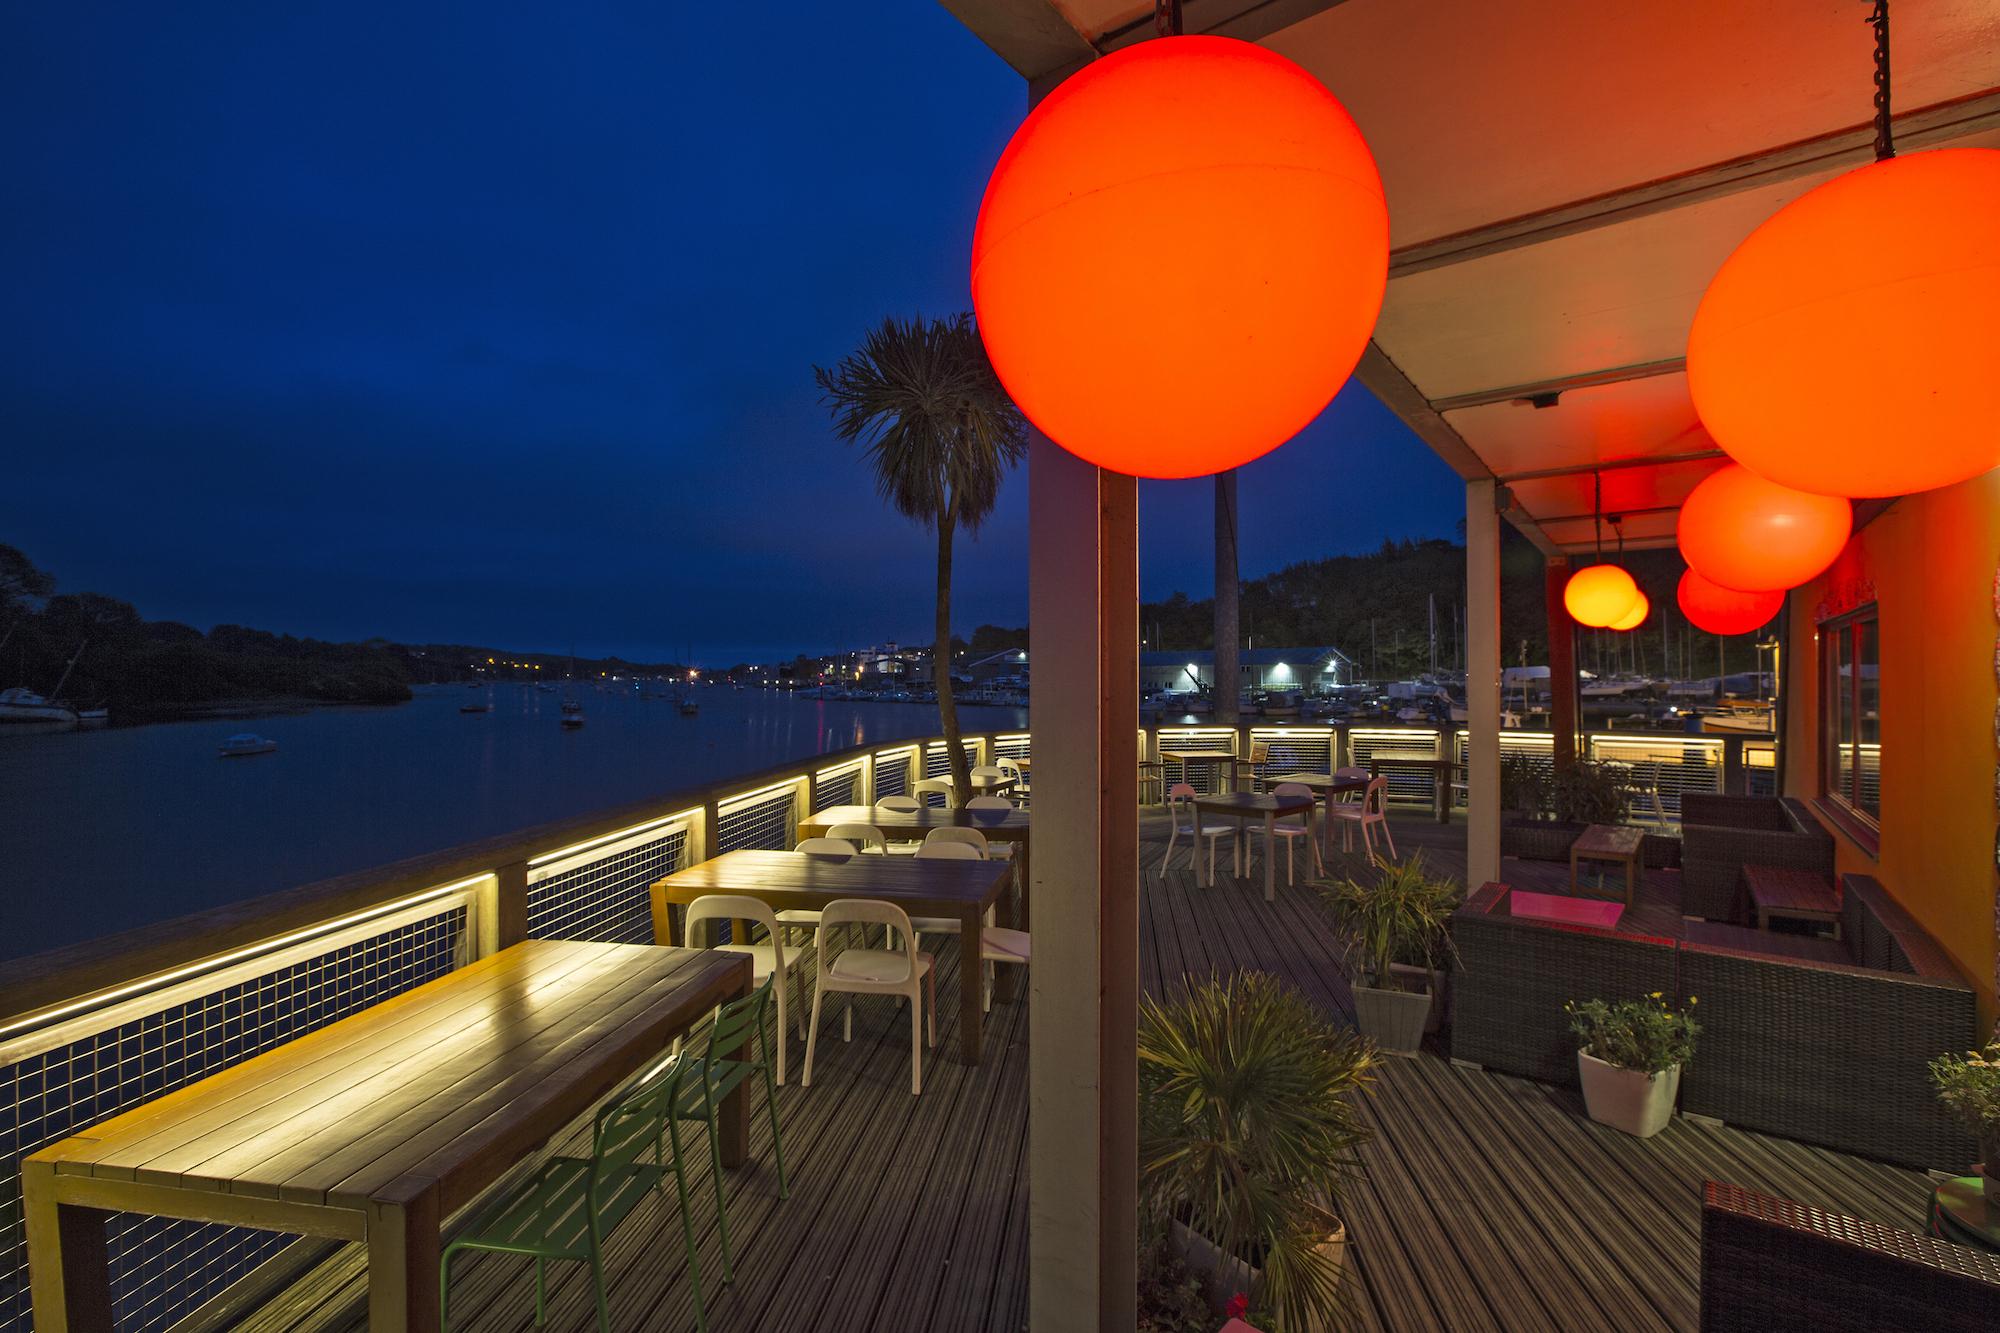 eleanor-bell-river-restaurant-lighting-buoy-pendants.jpg